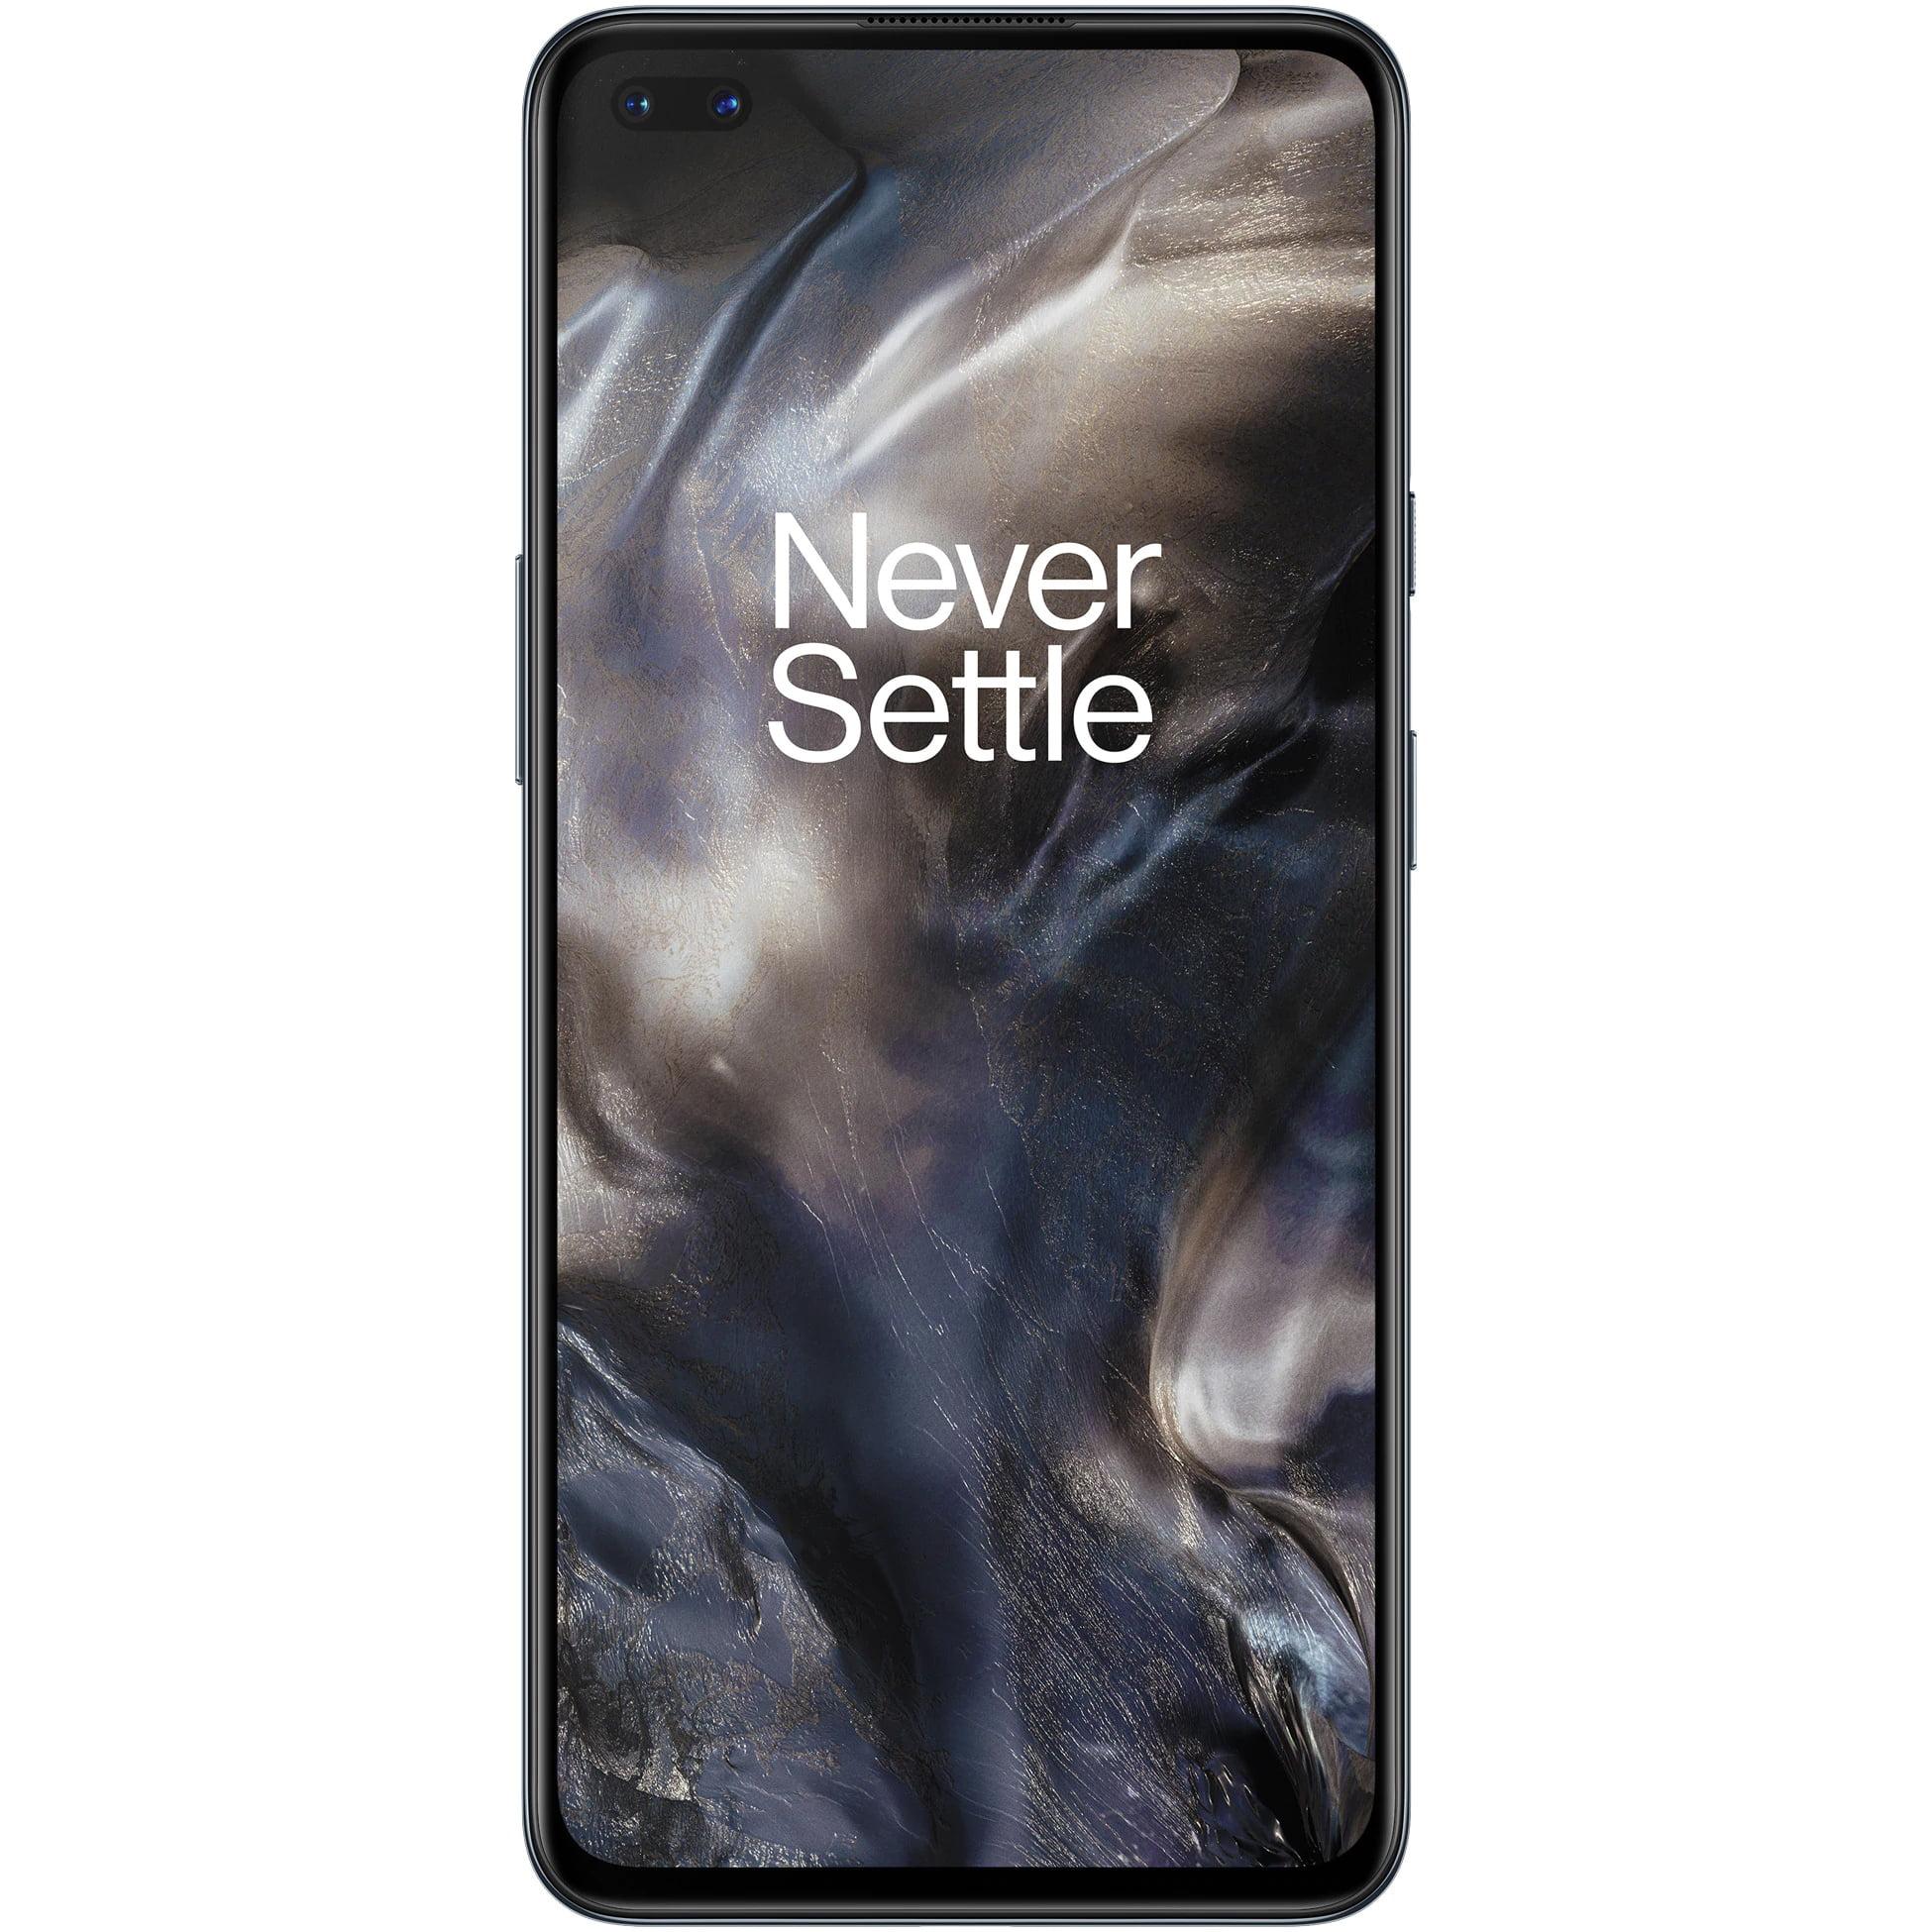 Telefon mobil OnePlus Nord, Dual SIM, 256GB, 12GB RAM, 5G, Gray Onyx